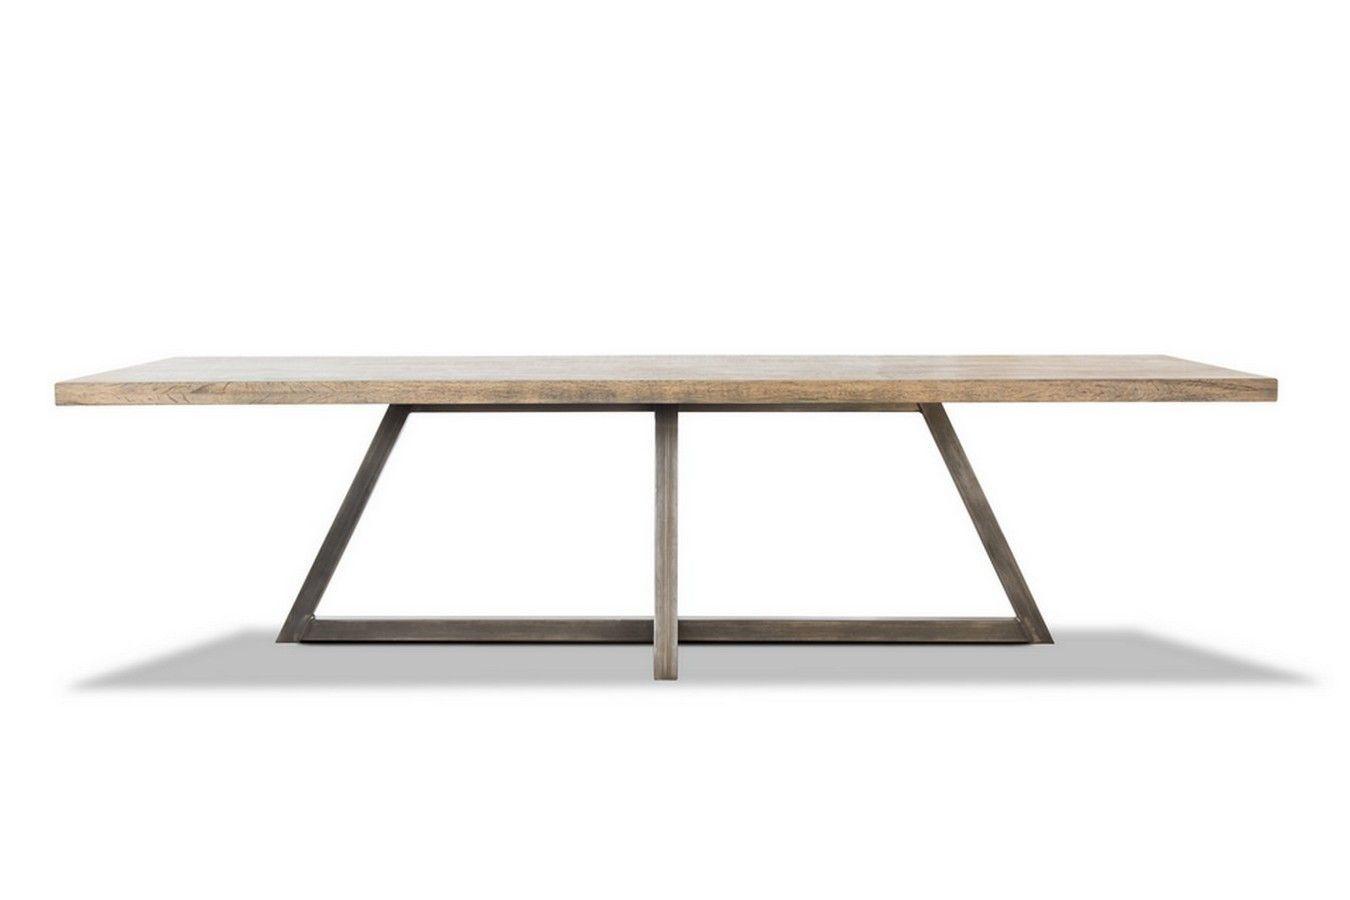 Designer Tische Online Kaufen Bei Lagerhaus De Esstisch Design Tisch Esstisch Holz